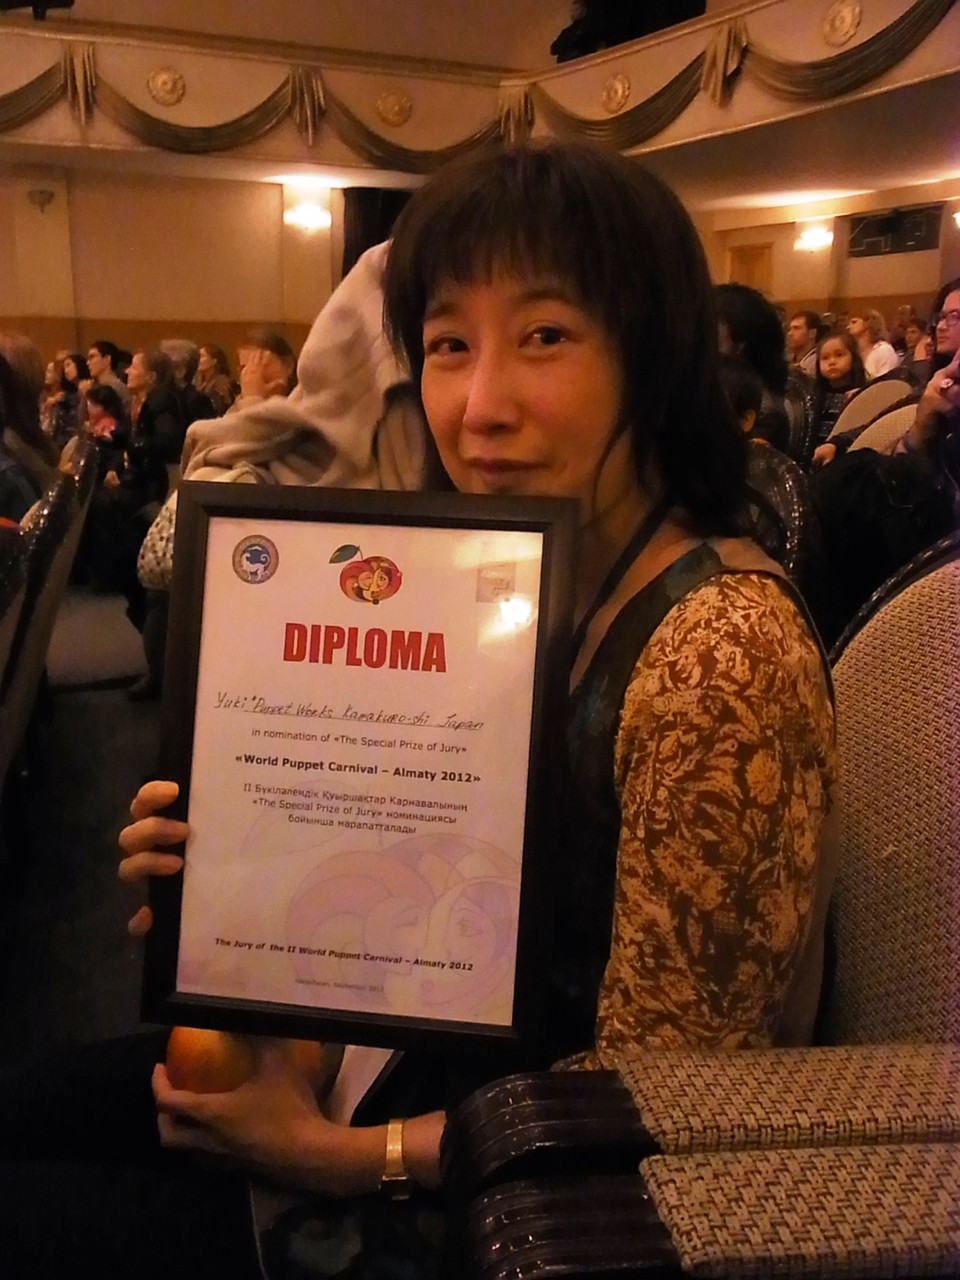 審査員特別賞 受賞。